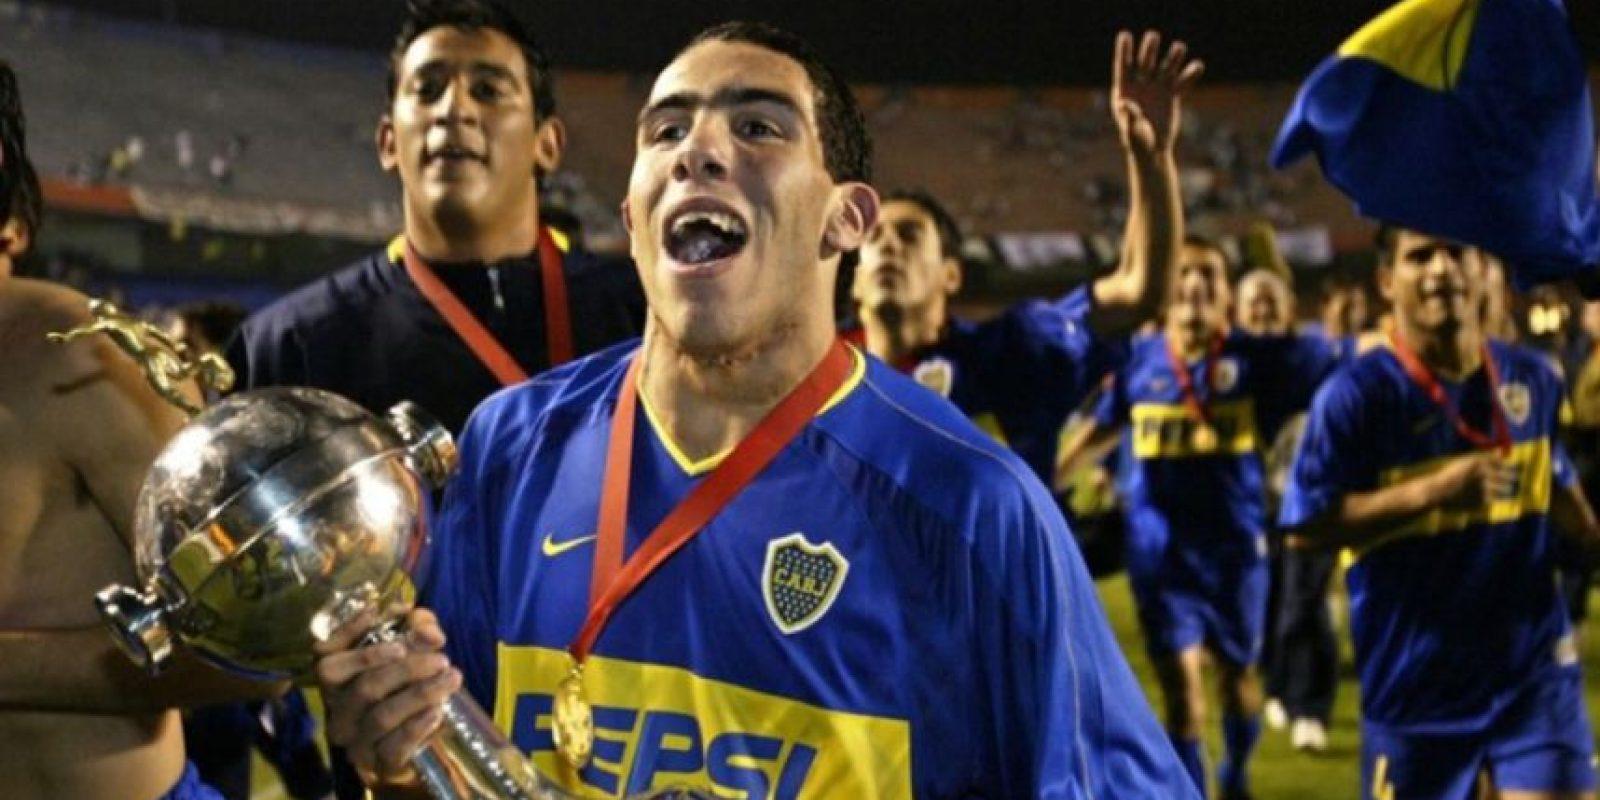 """Siempre favorito, el combinado """"xeneize"""" busca su séptima estrella y alcanzar a Independiente como los máximos ganadores del torneo Foto:Vñia twitter.com/PlanetaBoca"""